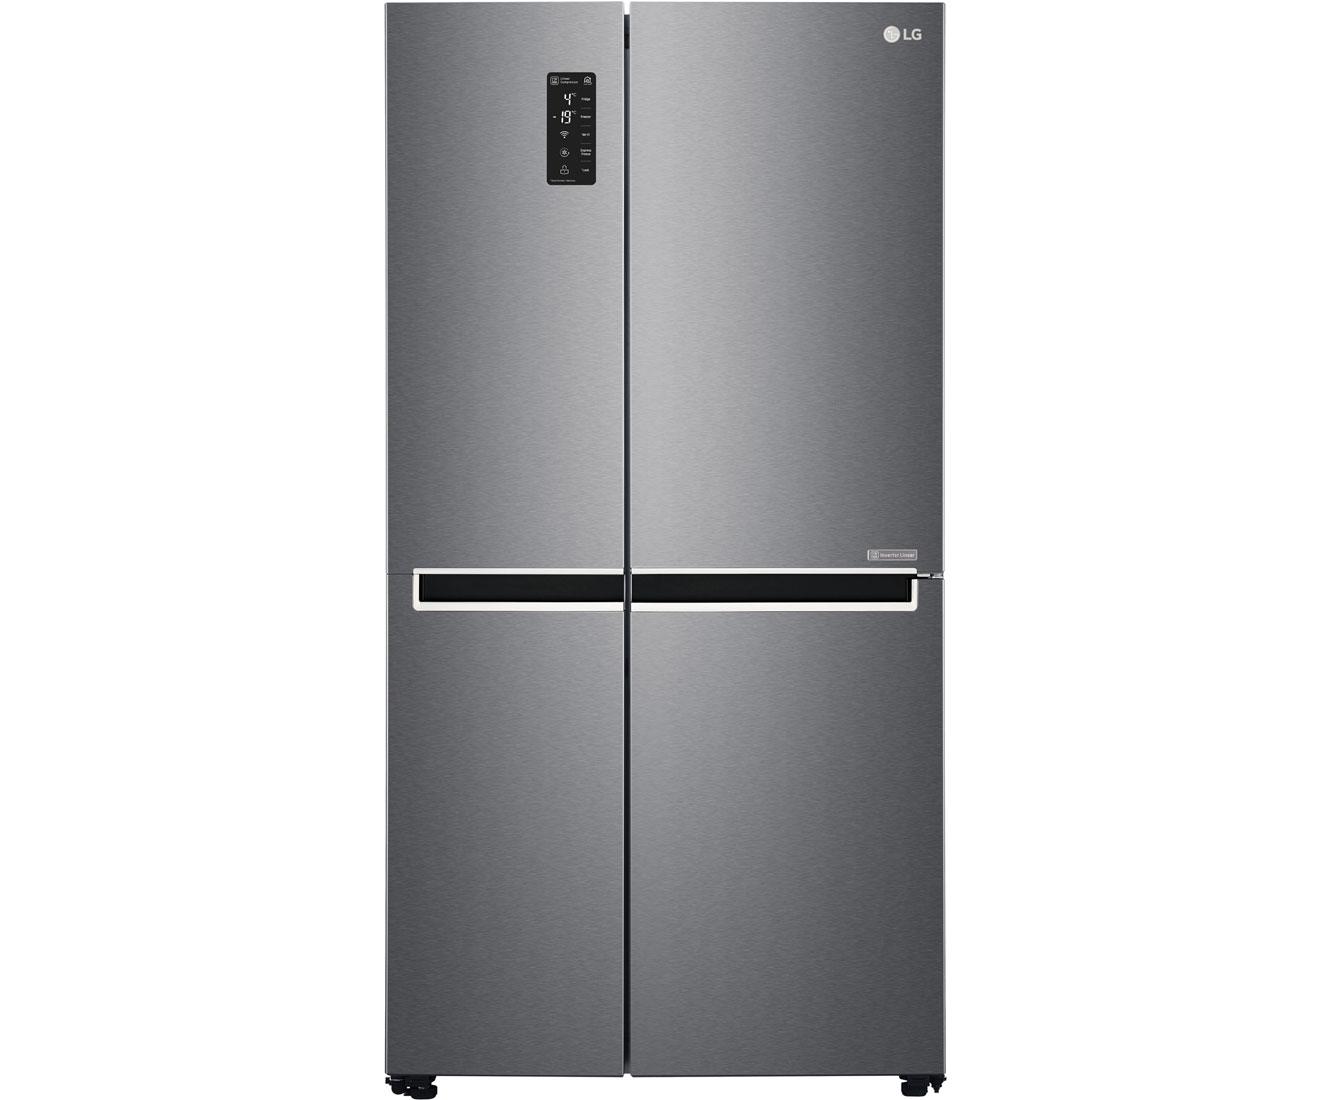 Side By Side Kühlschrank Günstig : Side by side kühlschrank kaufen kühlschrank samsung side by side